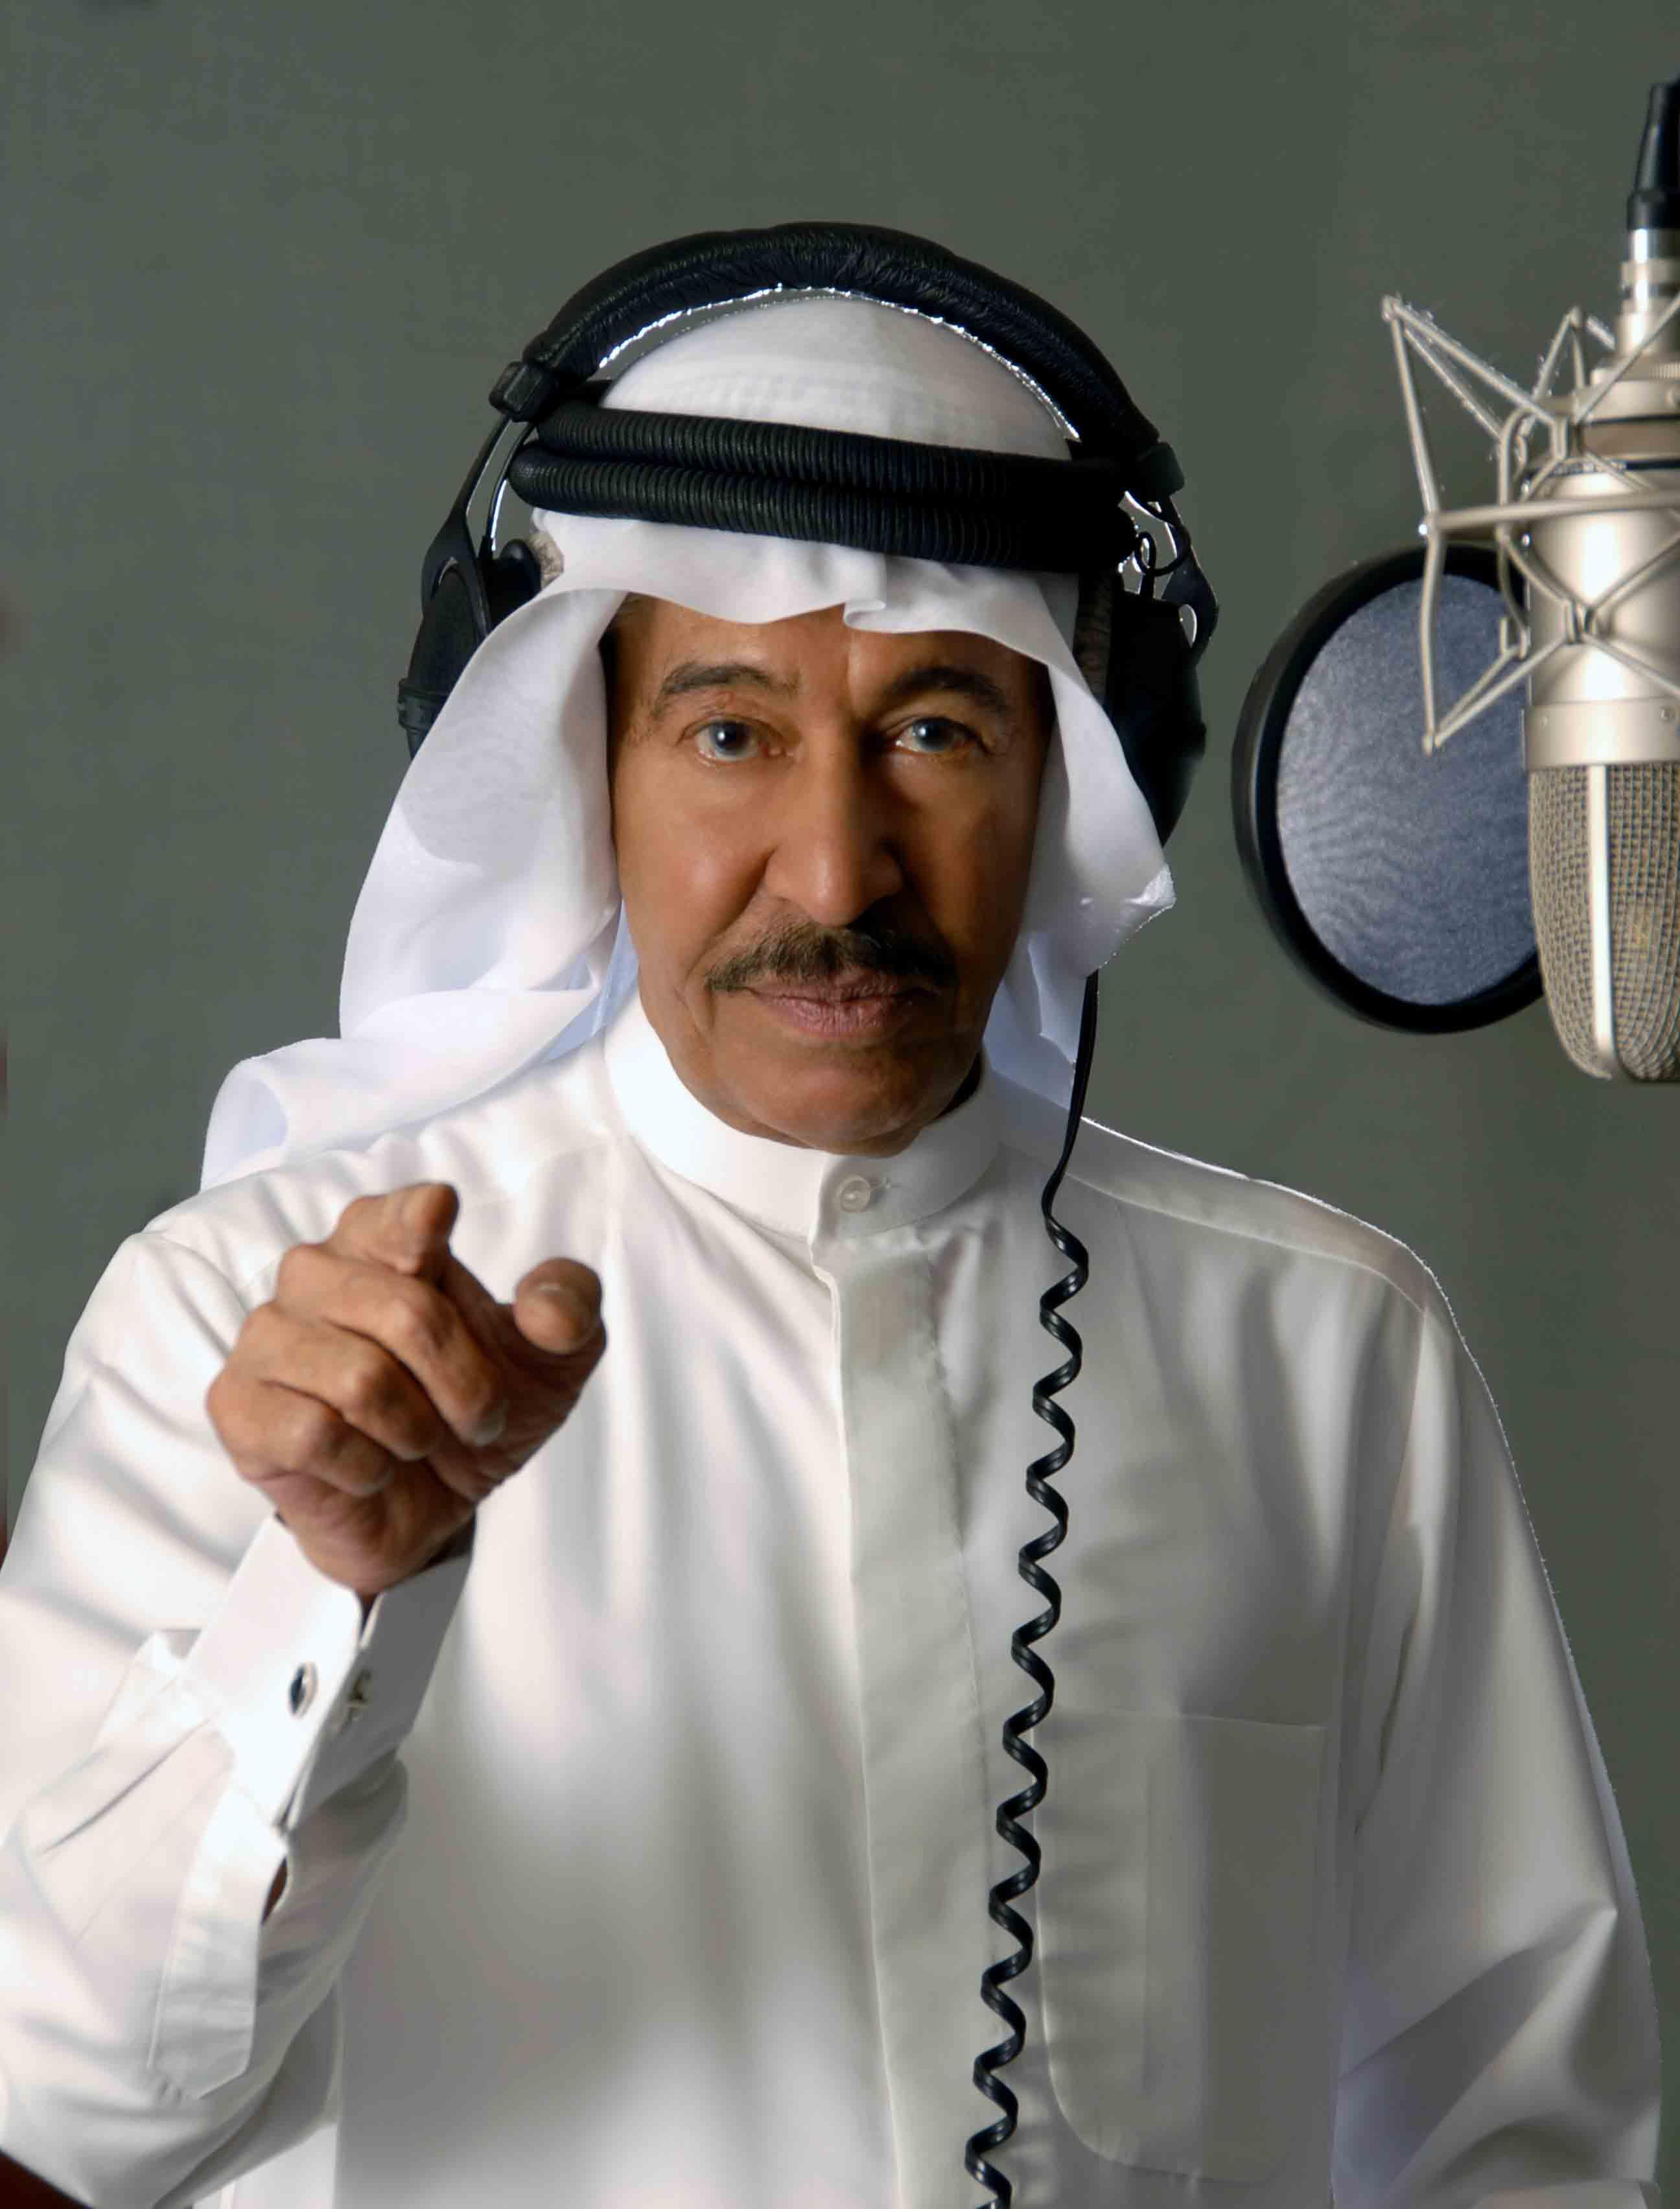 عبدالكريم عبدالقادر: الأغنية كانت تكلف 80 فلسا